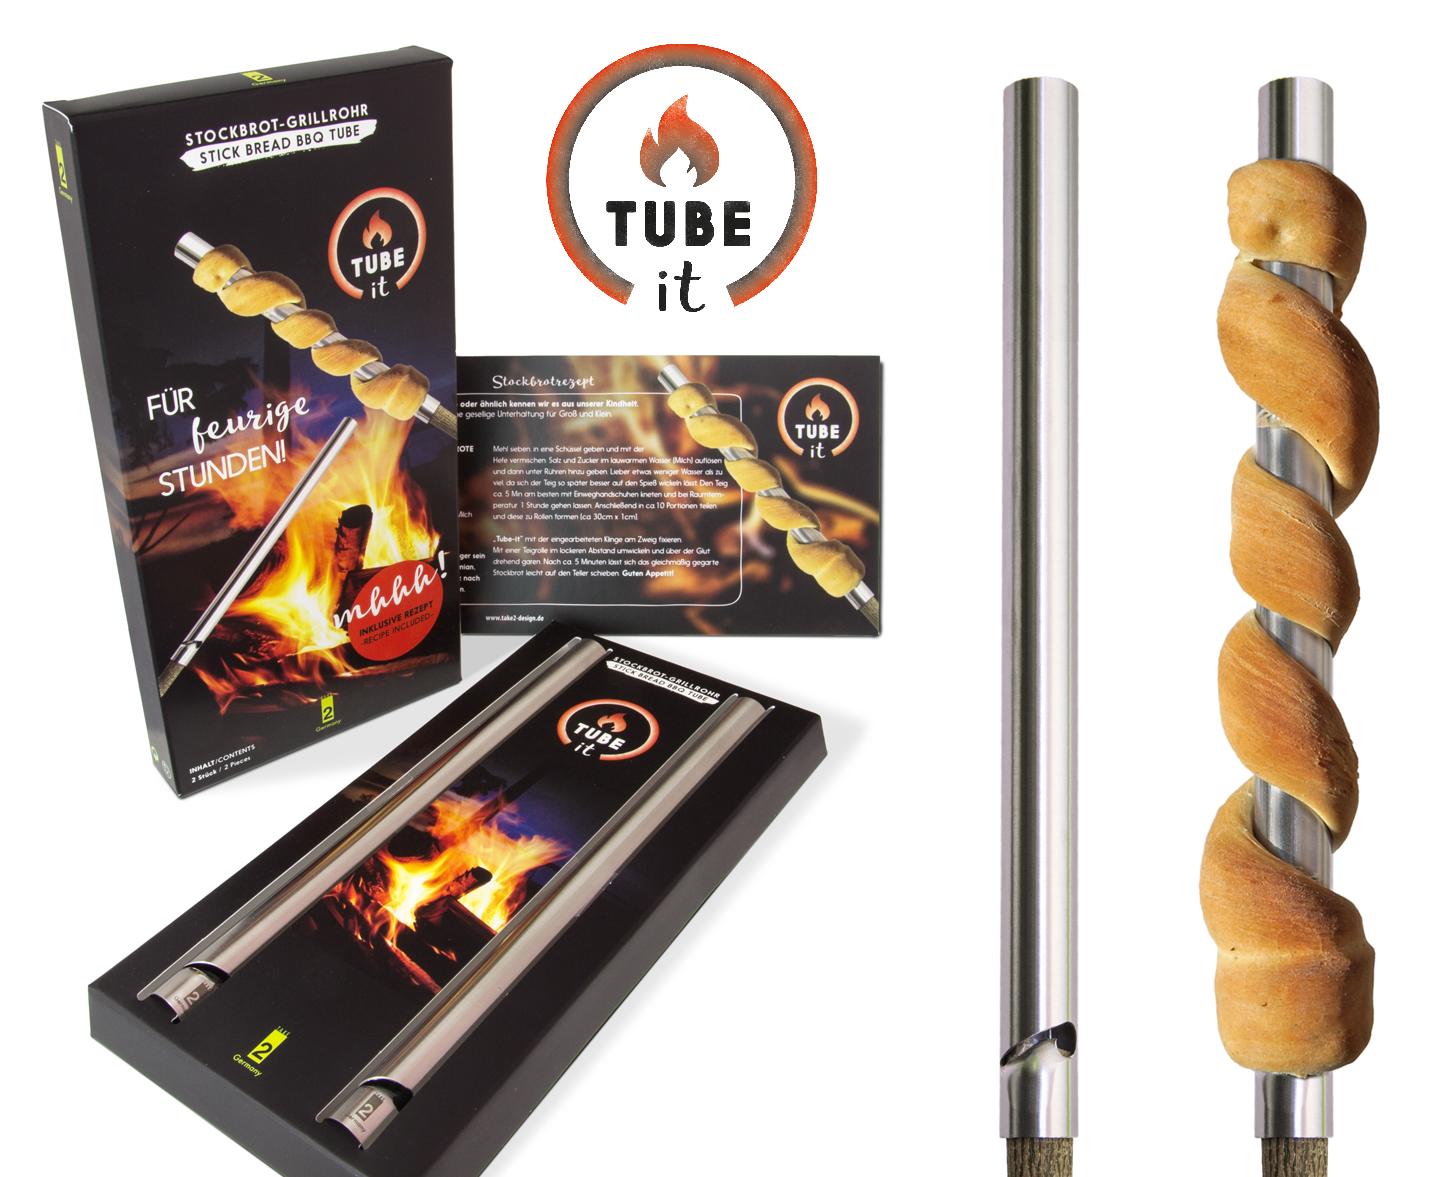 Take2 Tube-it Stockbrot - Grillrohr 2er Set Edelstahl im Geschenkkarton 11879